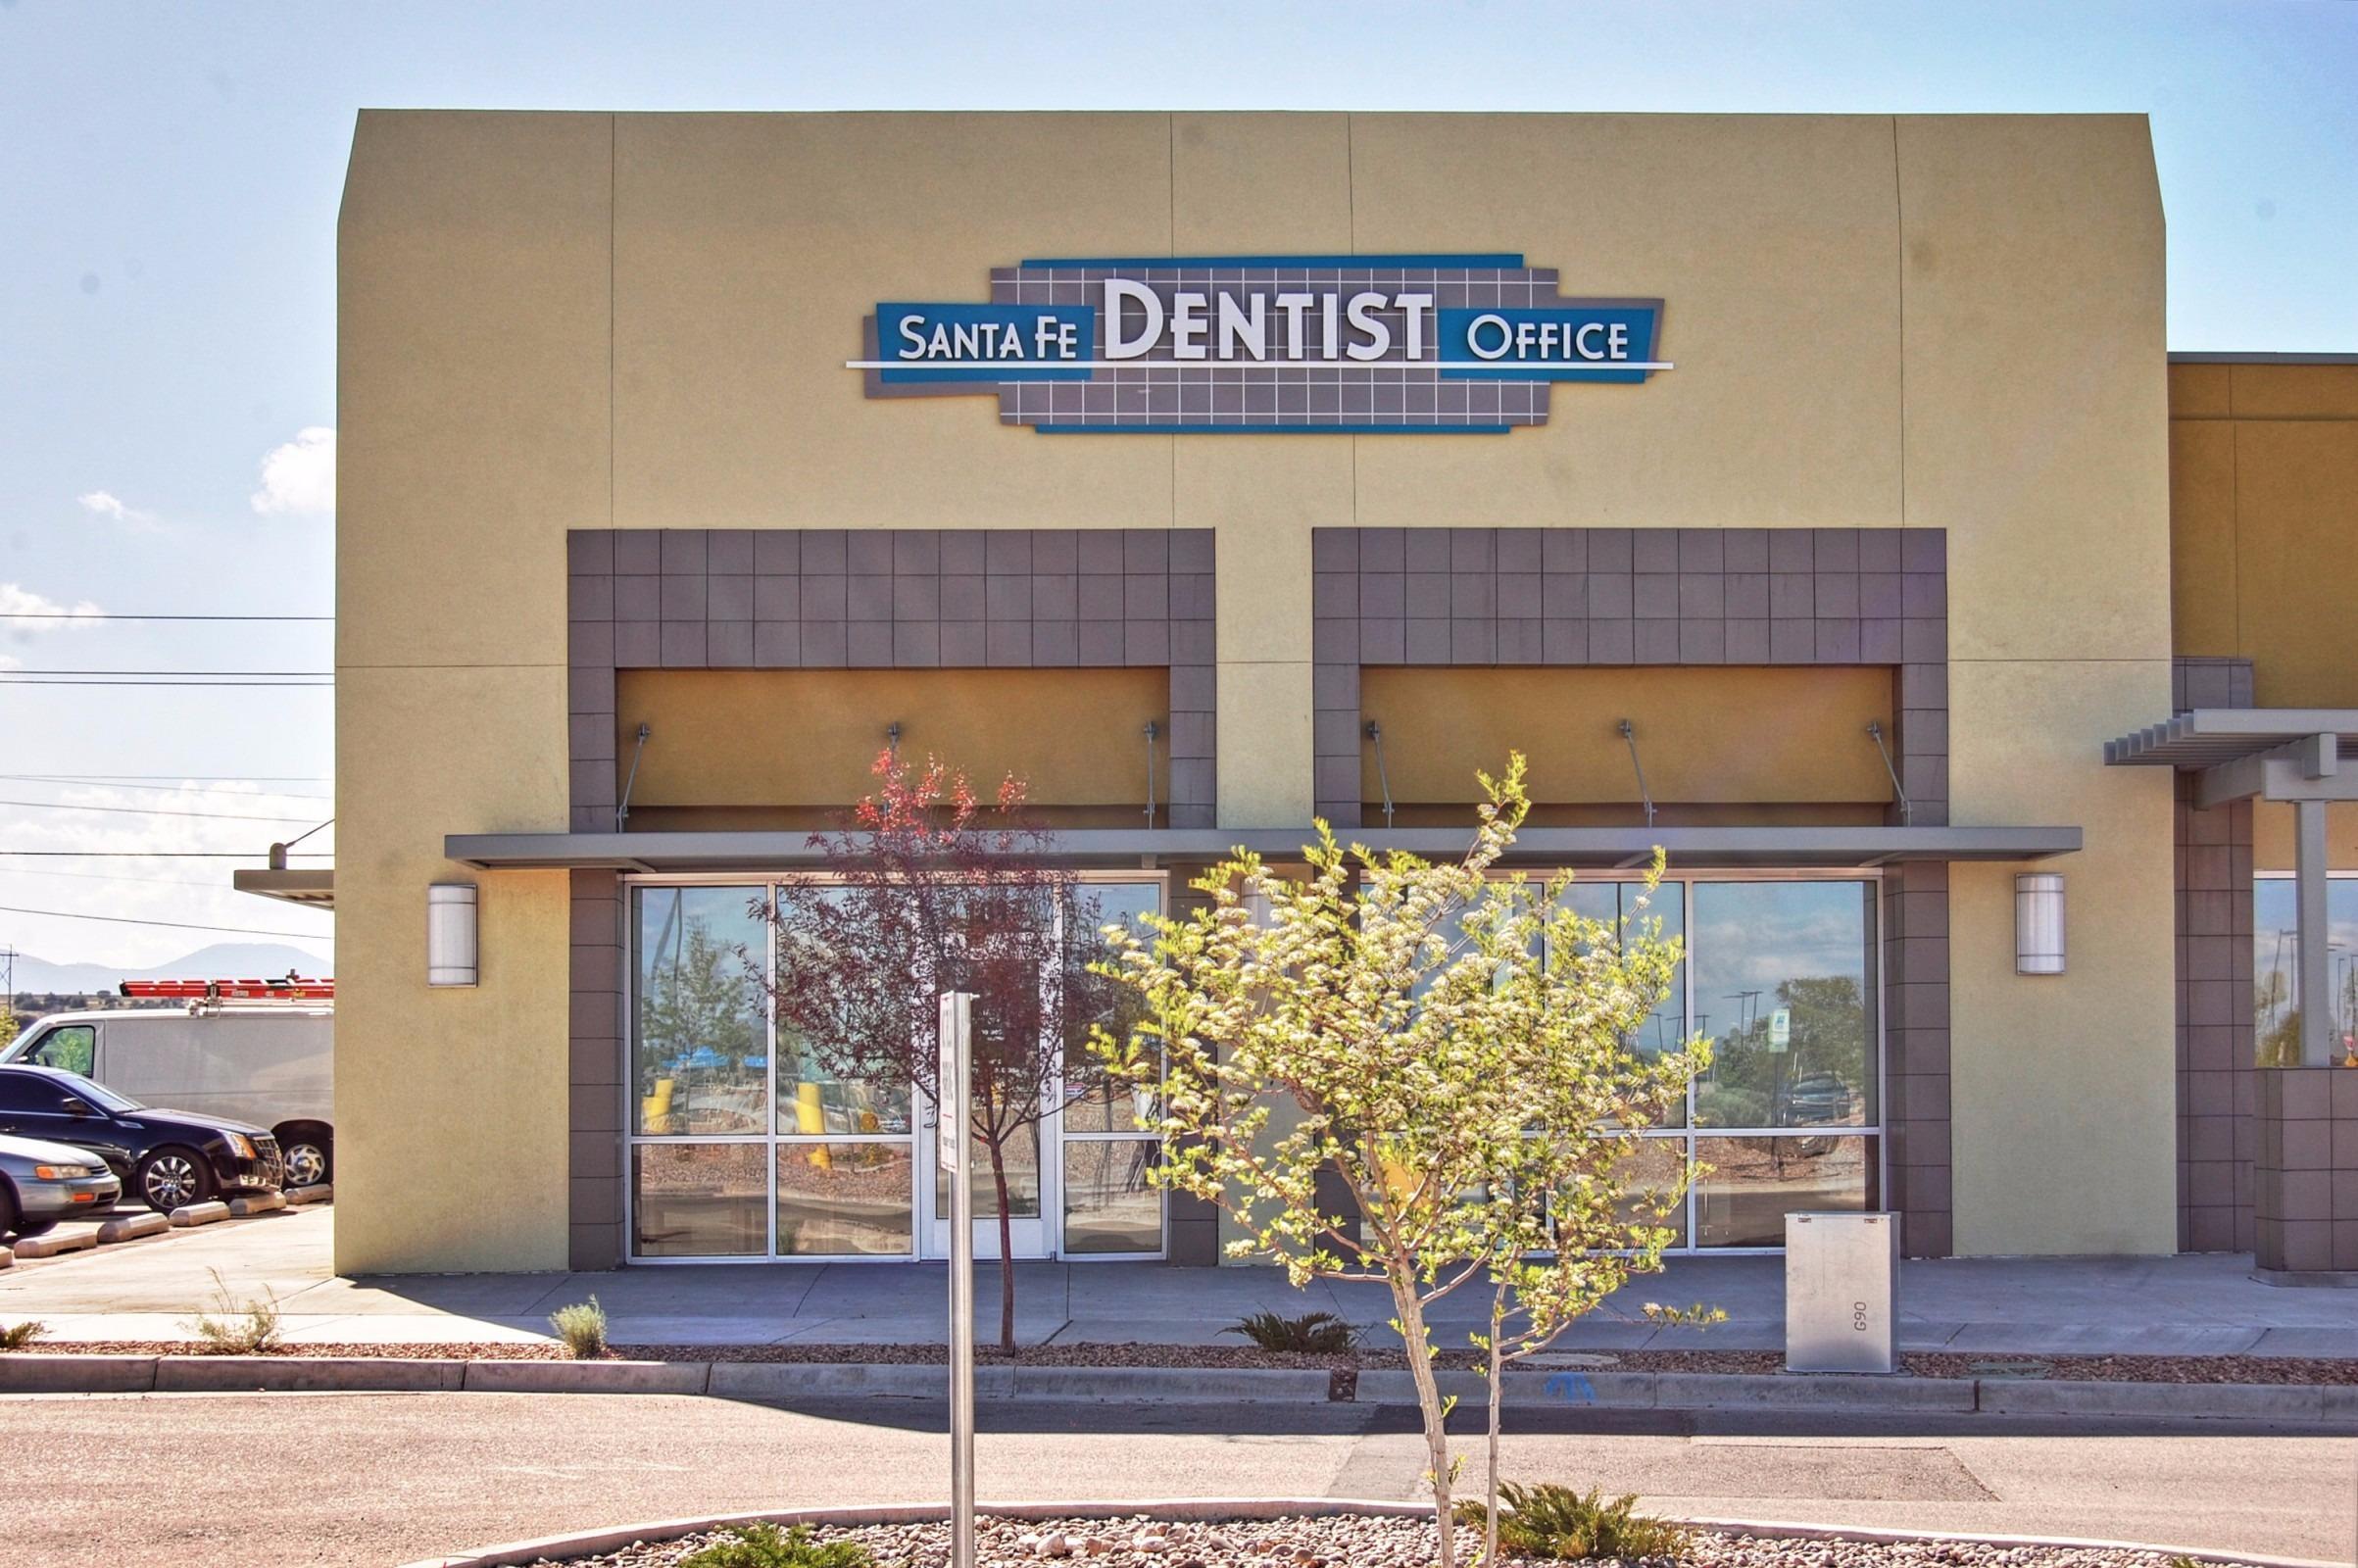 Santa Fe Dentist Office image 0